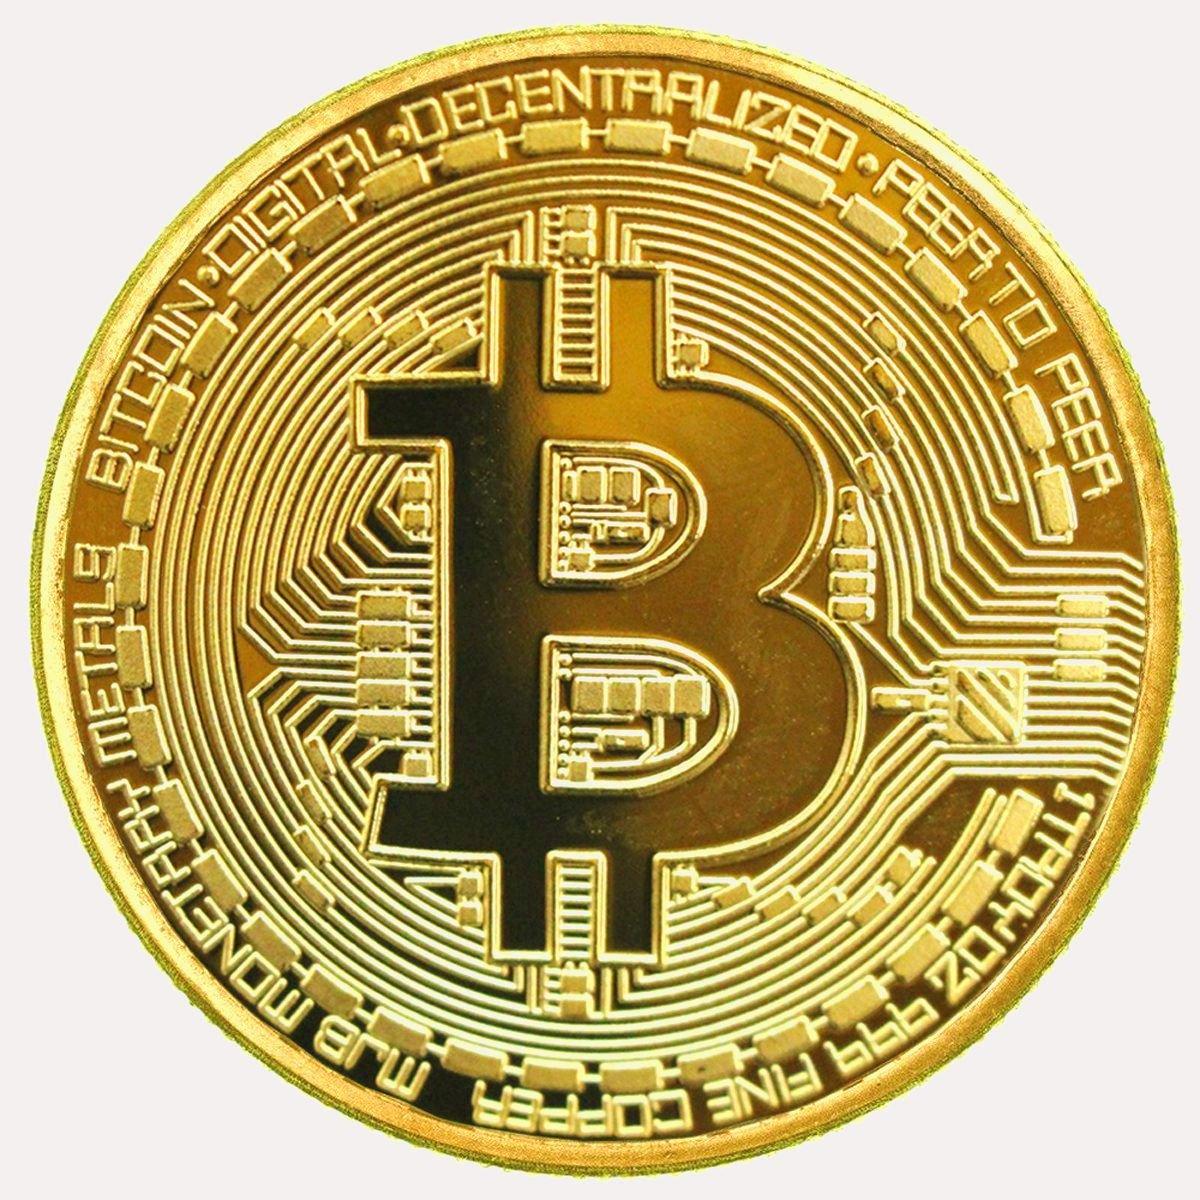 ビットコイン金メッキBitcoin仮想通貨 コイングッズギフト100枚 セット B0783HGWL2